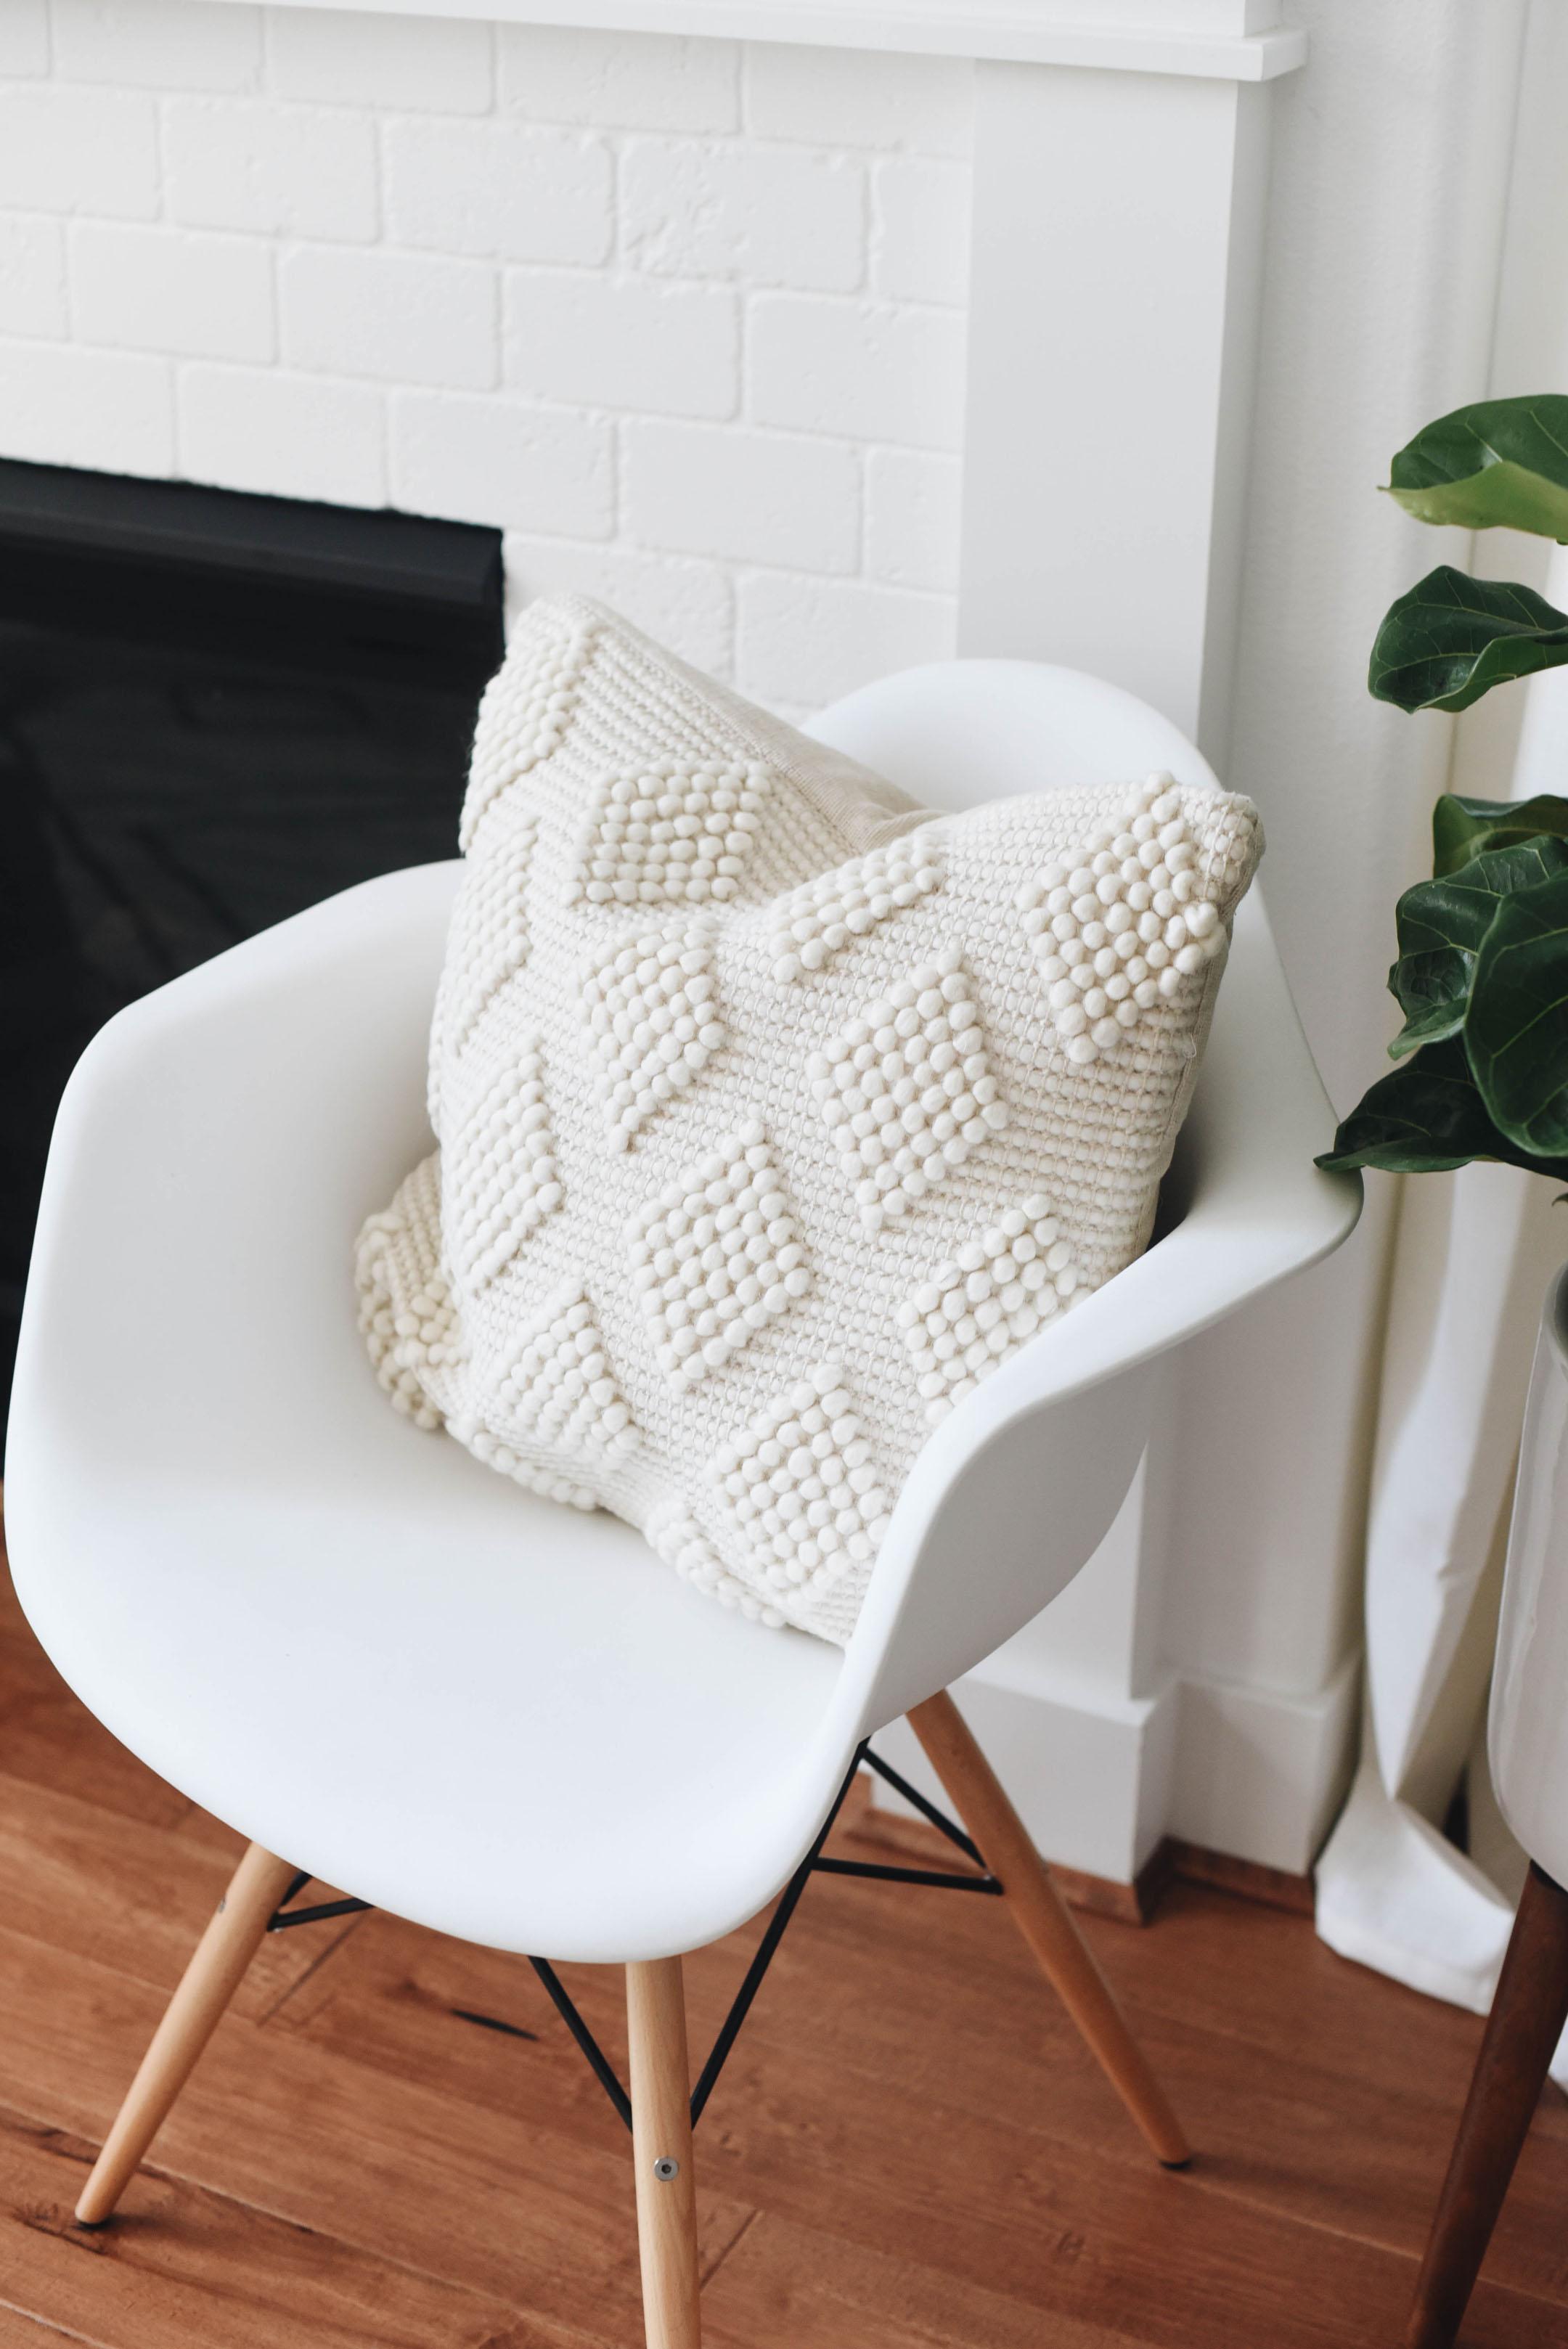 Home Depot throw pillows